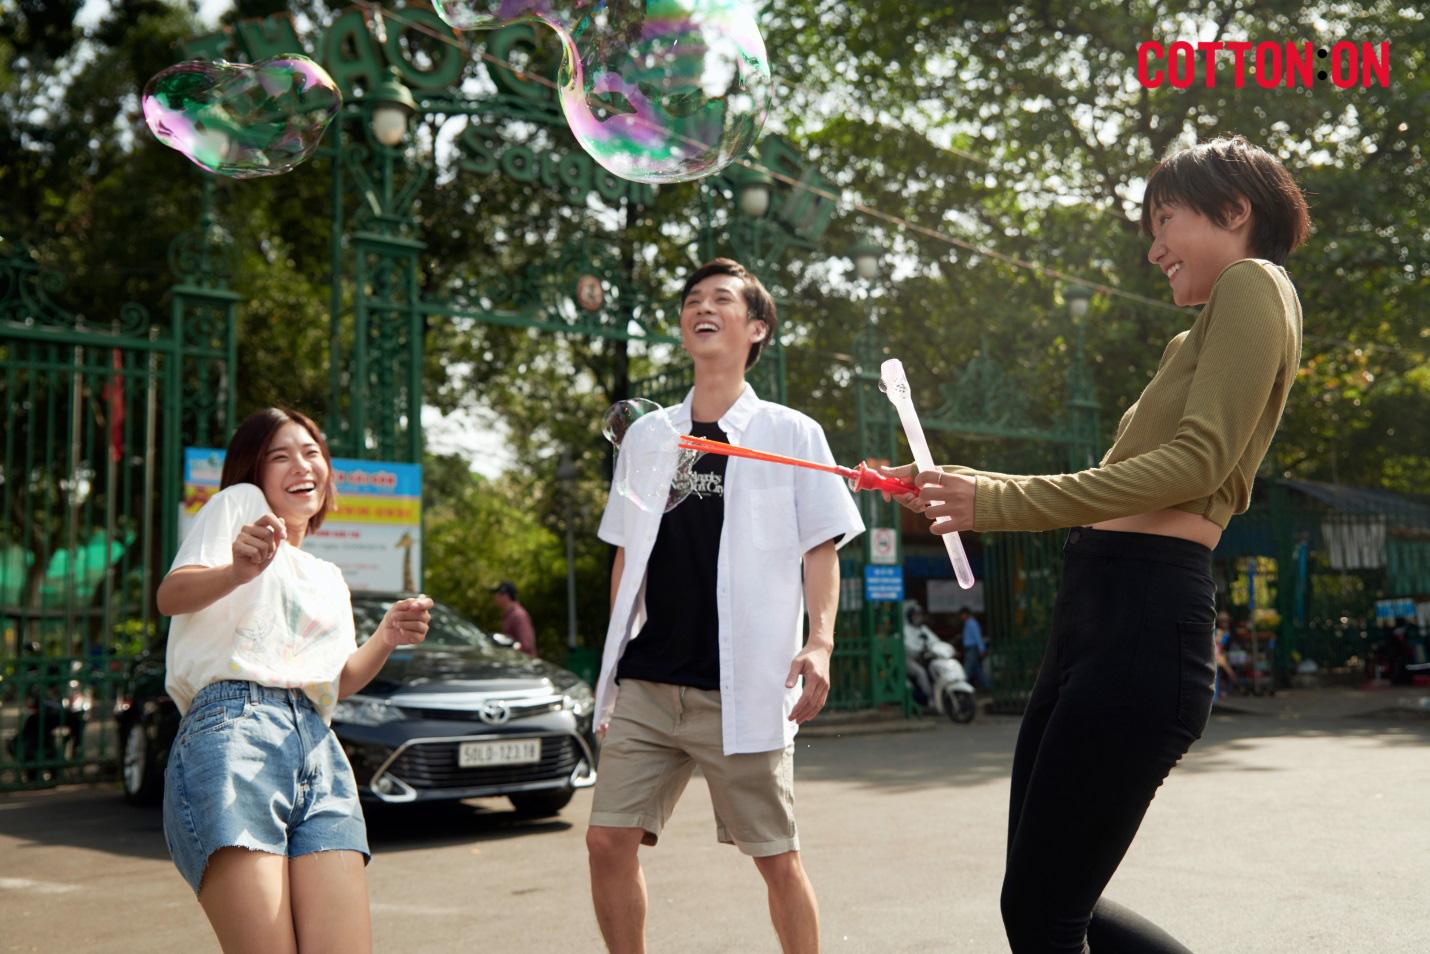 Hoàng Yến, Trần Nghĩa và Hồ Thu Anh trẻ trung với thời trang quốc tế đến từ Úc - COTTON:ON - Ảnh 4.